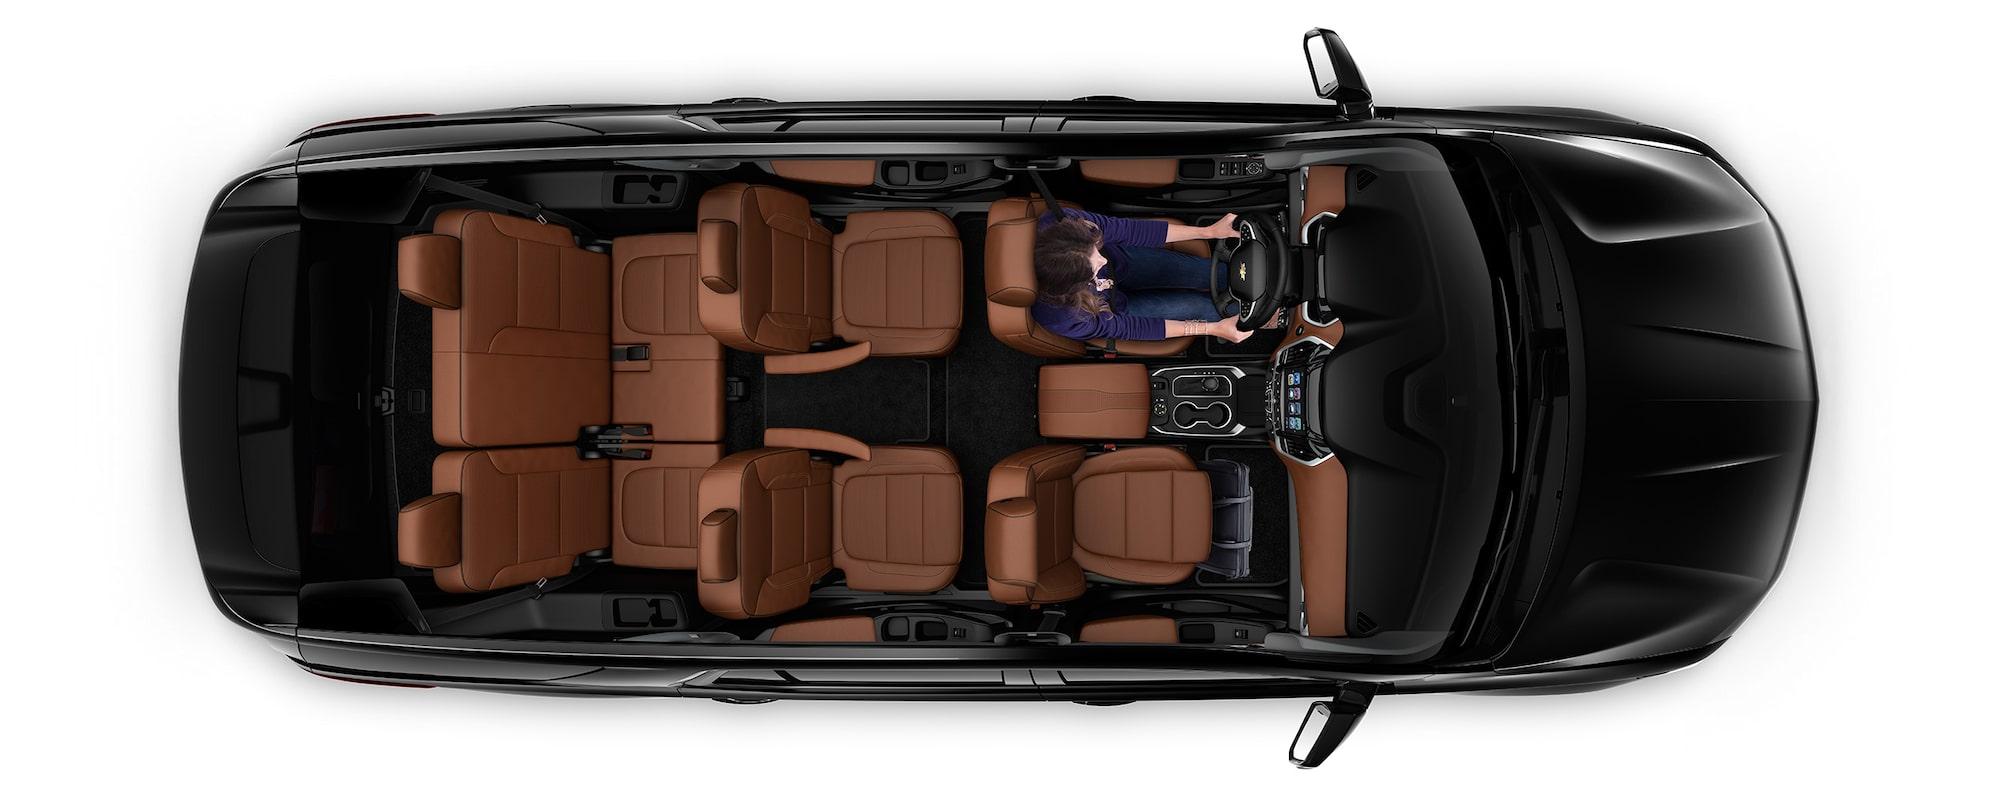 2018 Traverse Midsize SUV Design 5